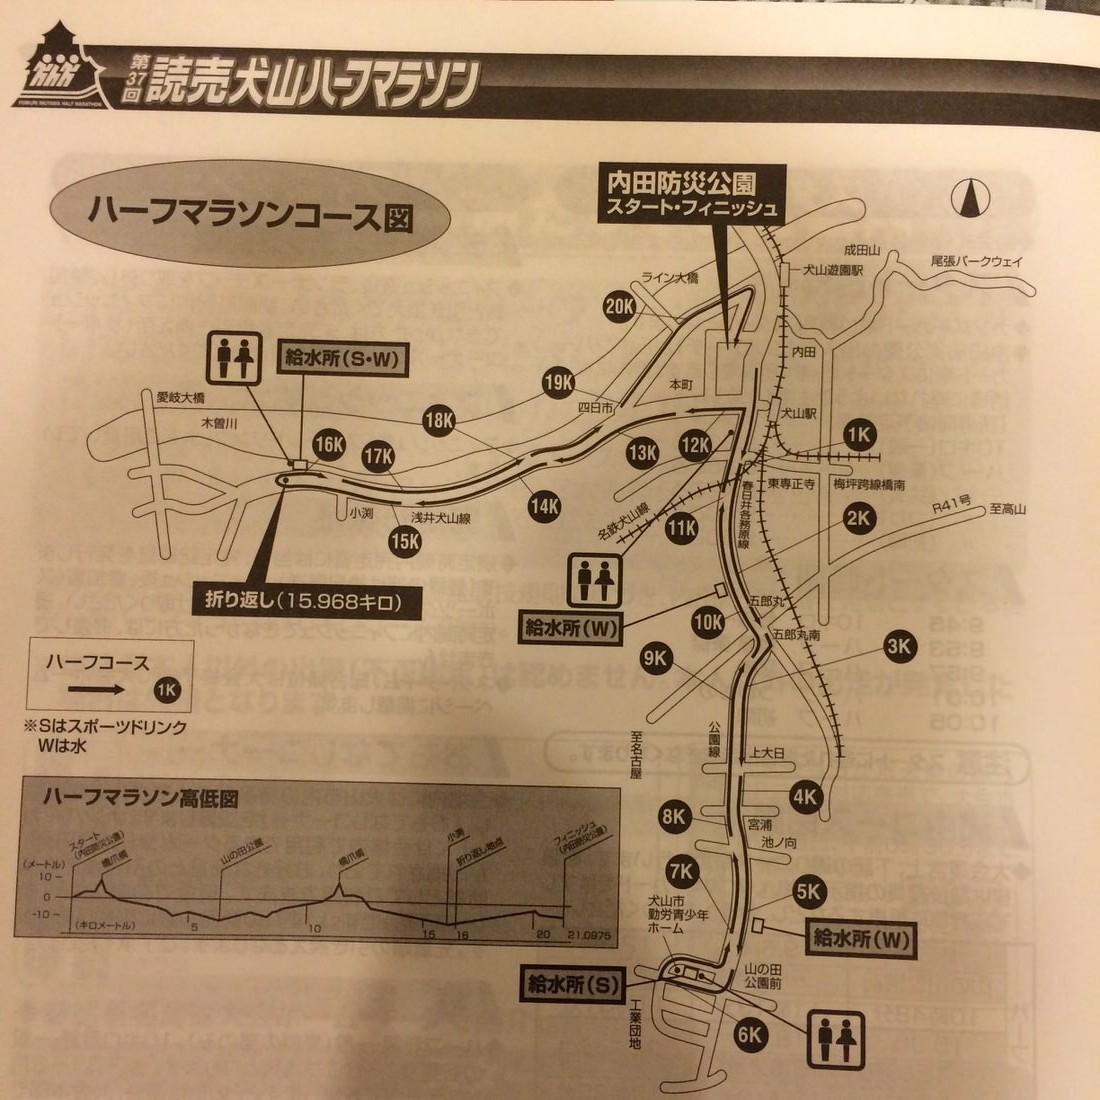 犬山マラソン-スポドリ